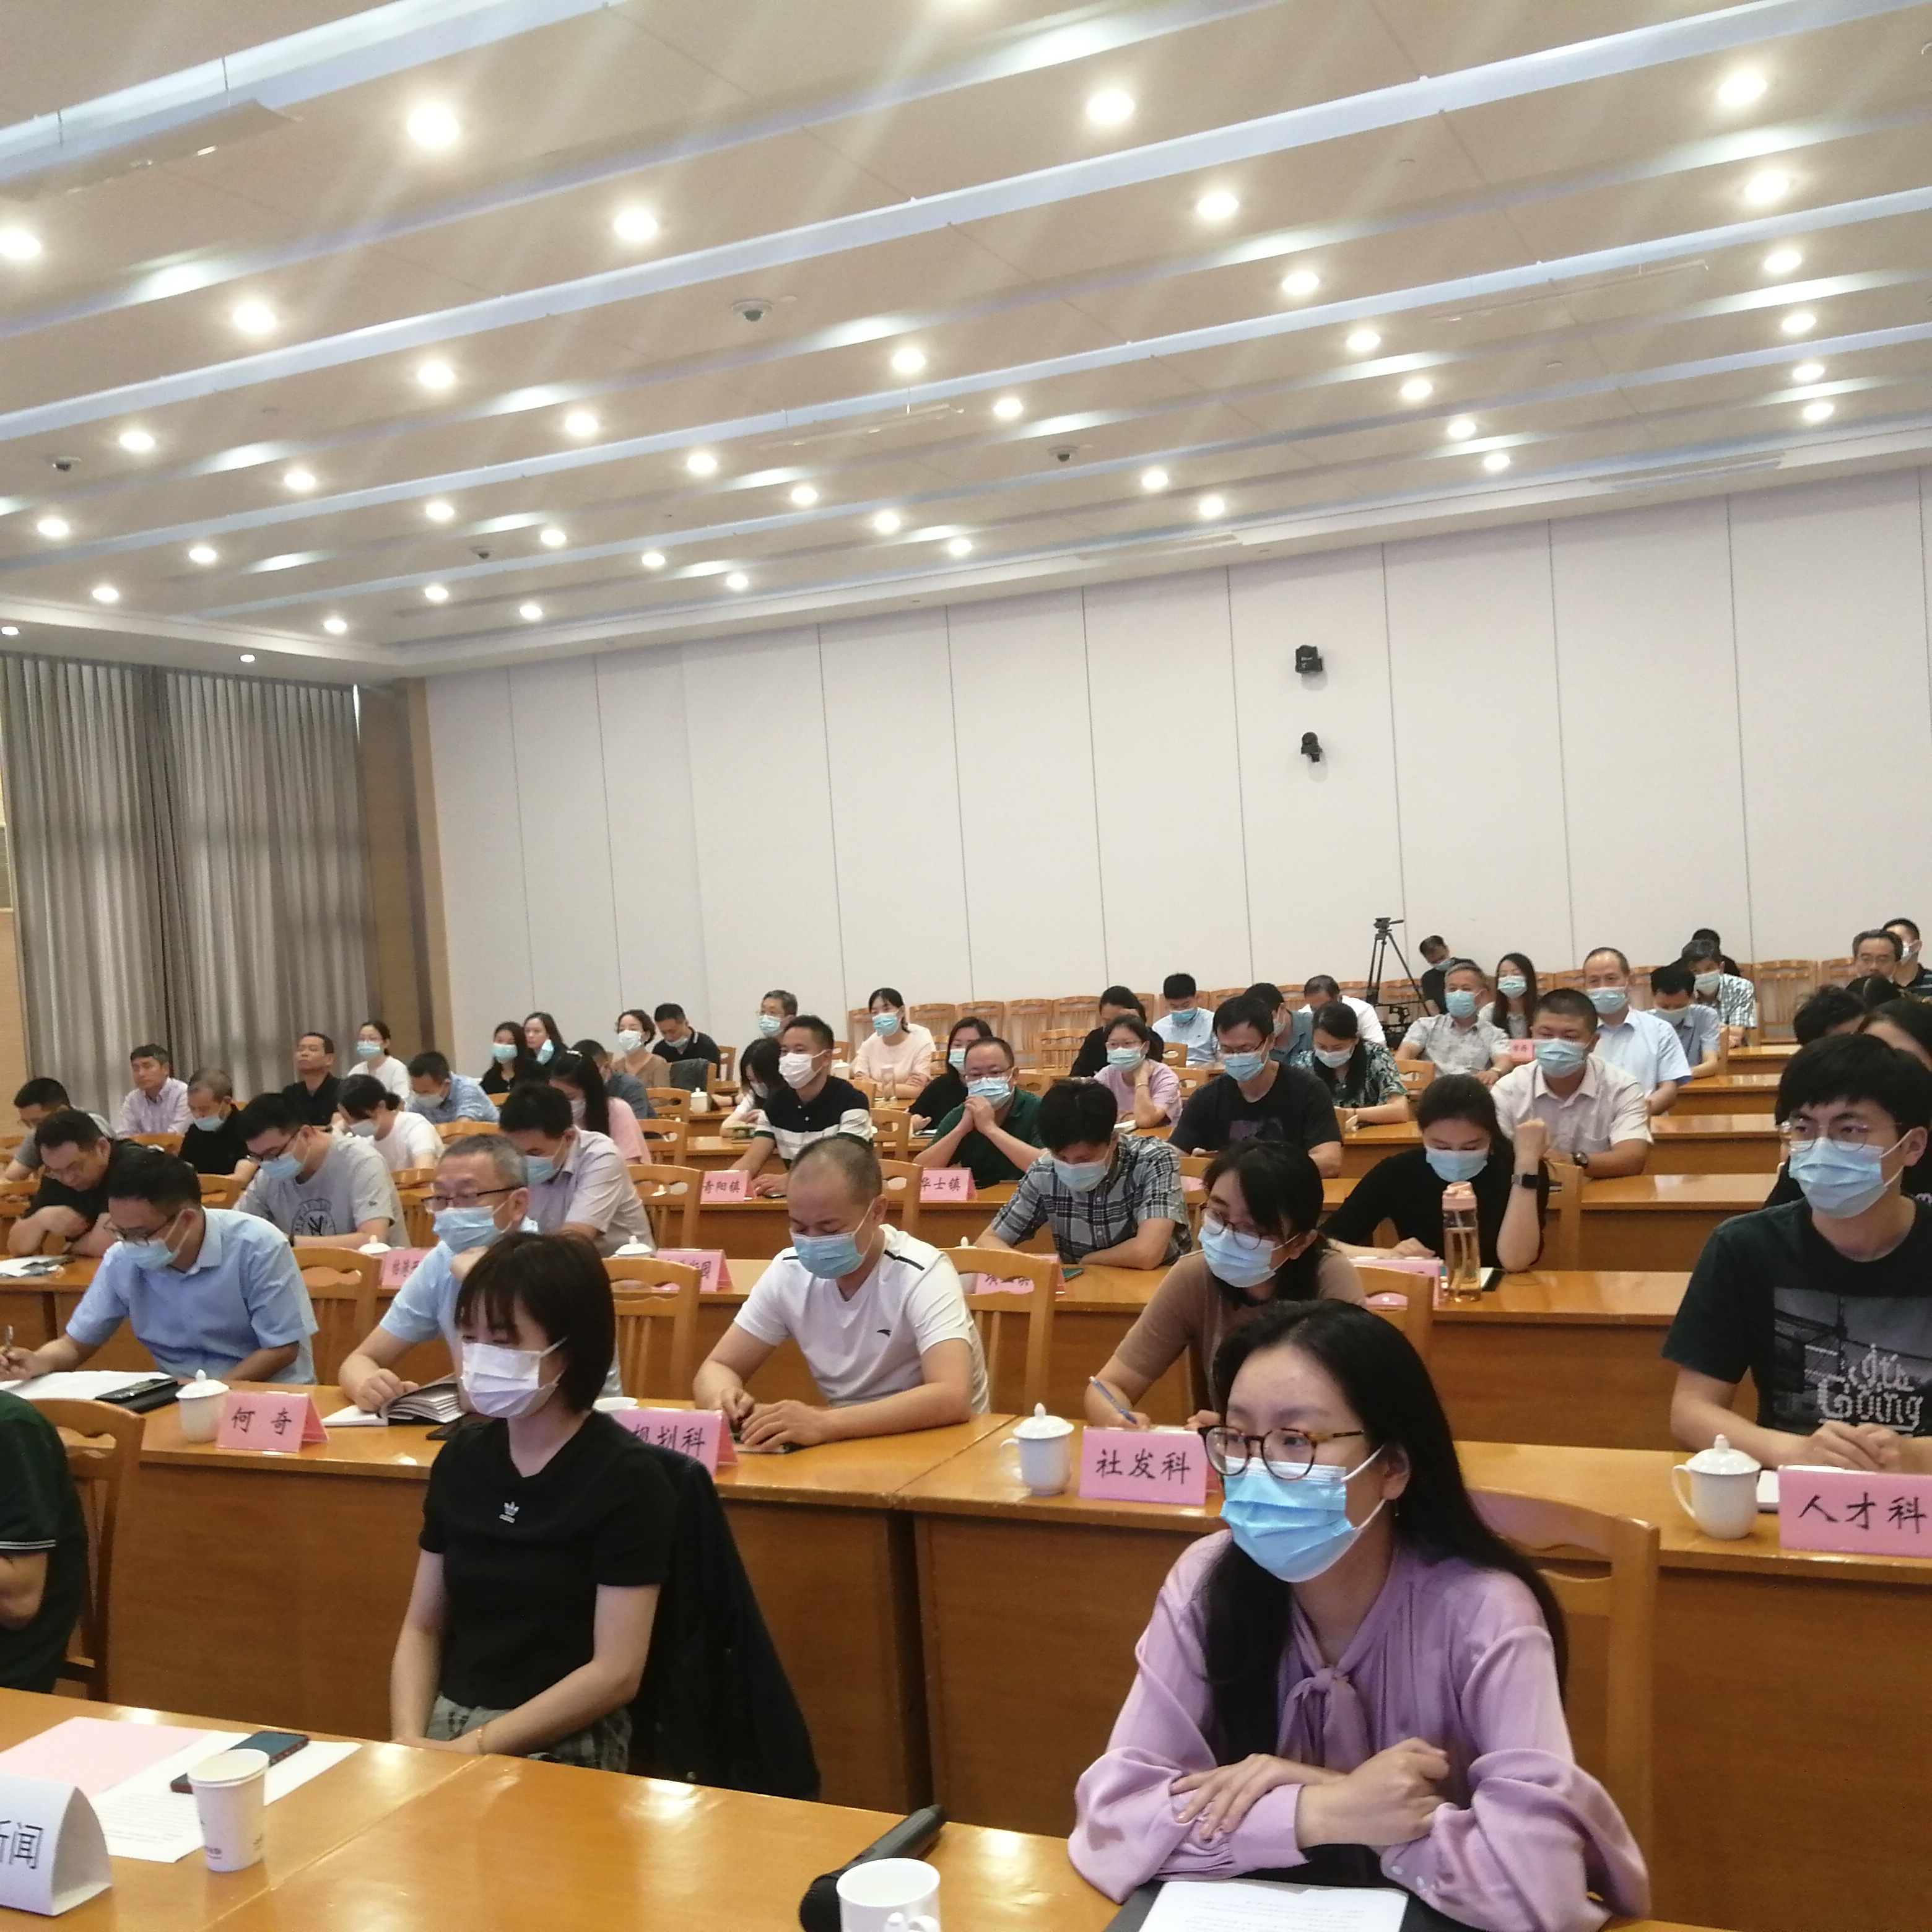 今年江阴市已新增产学研项目38项 累计完成技术合同成交额35.8亿元